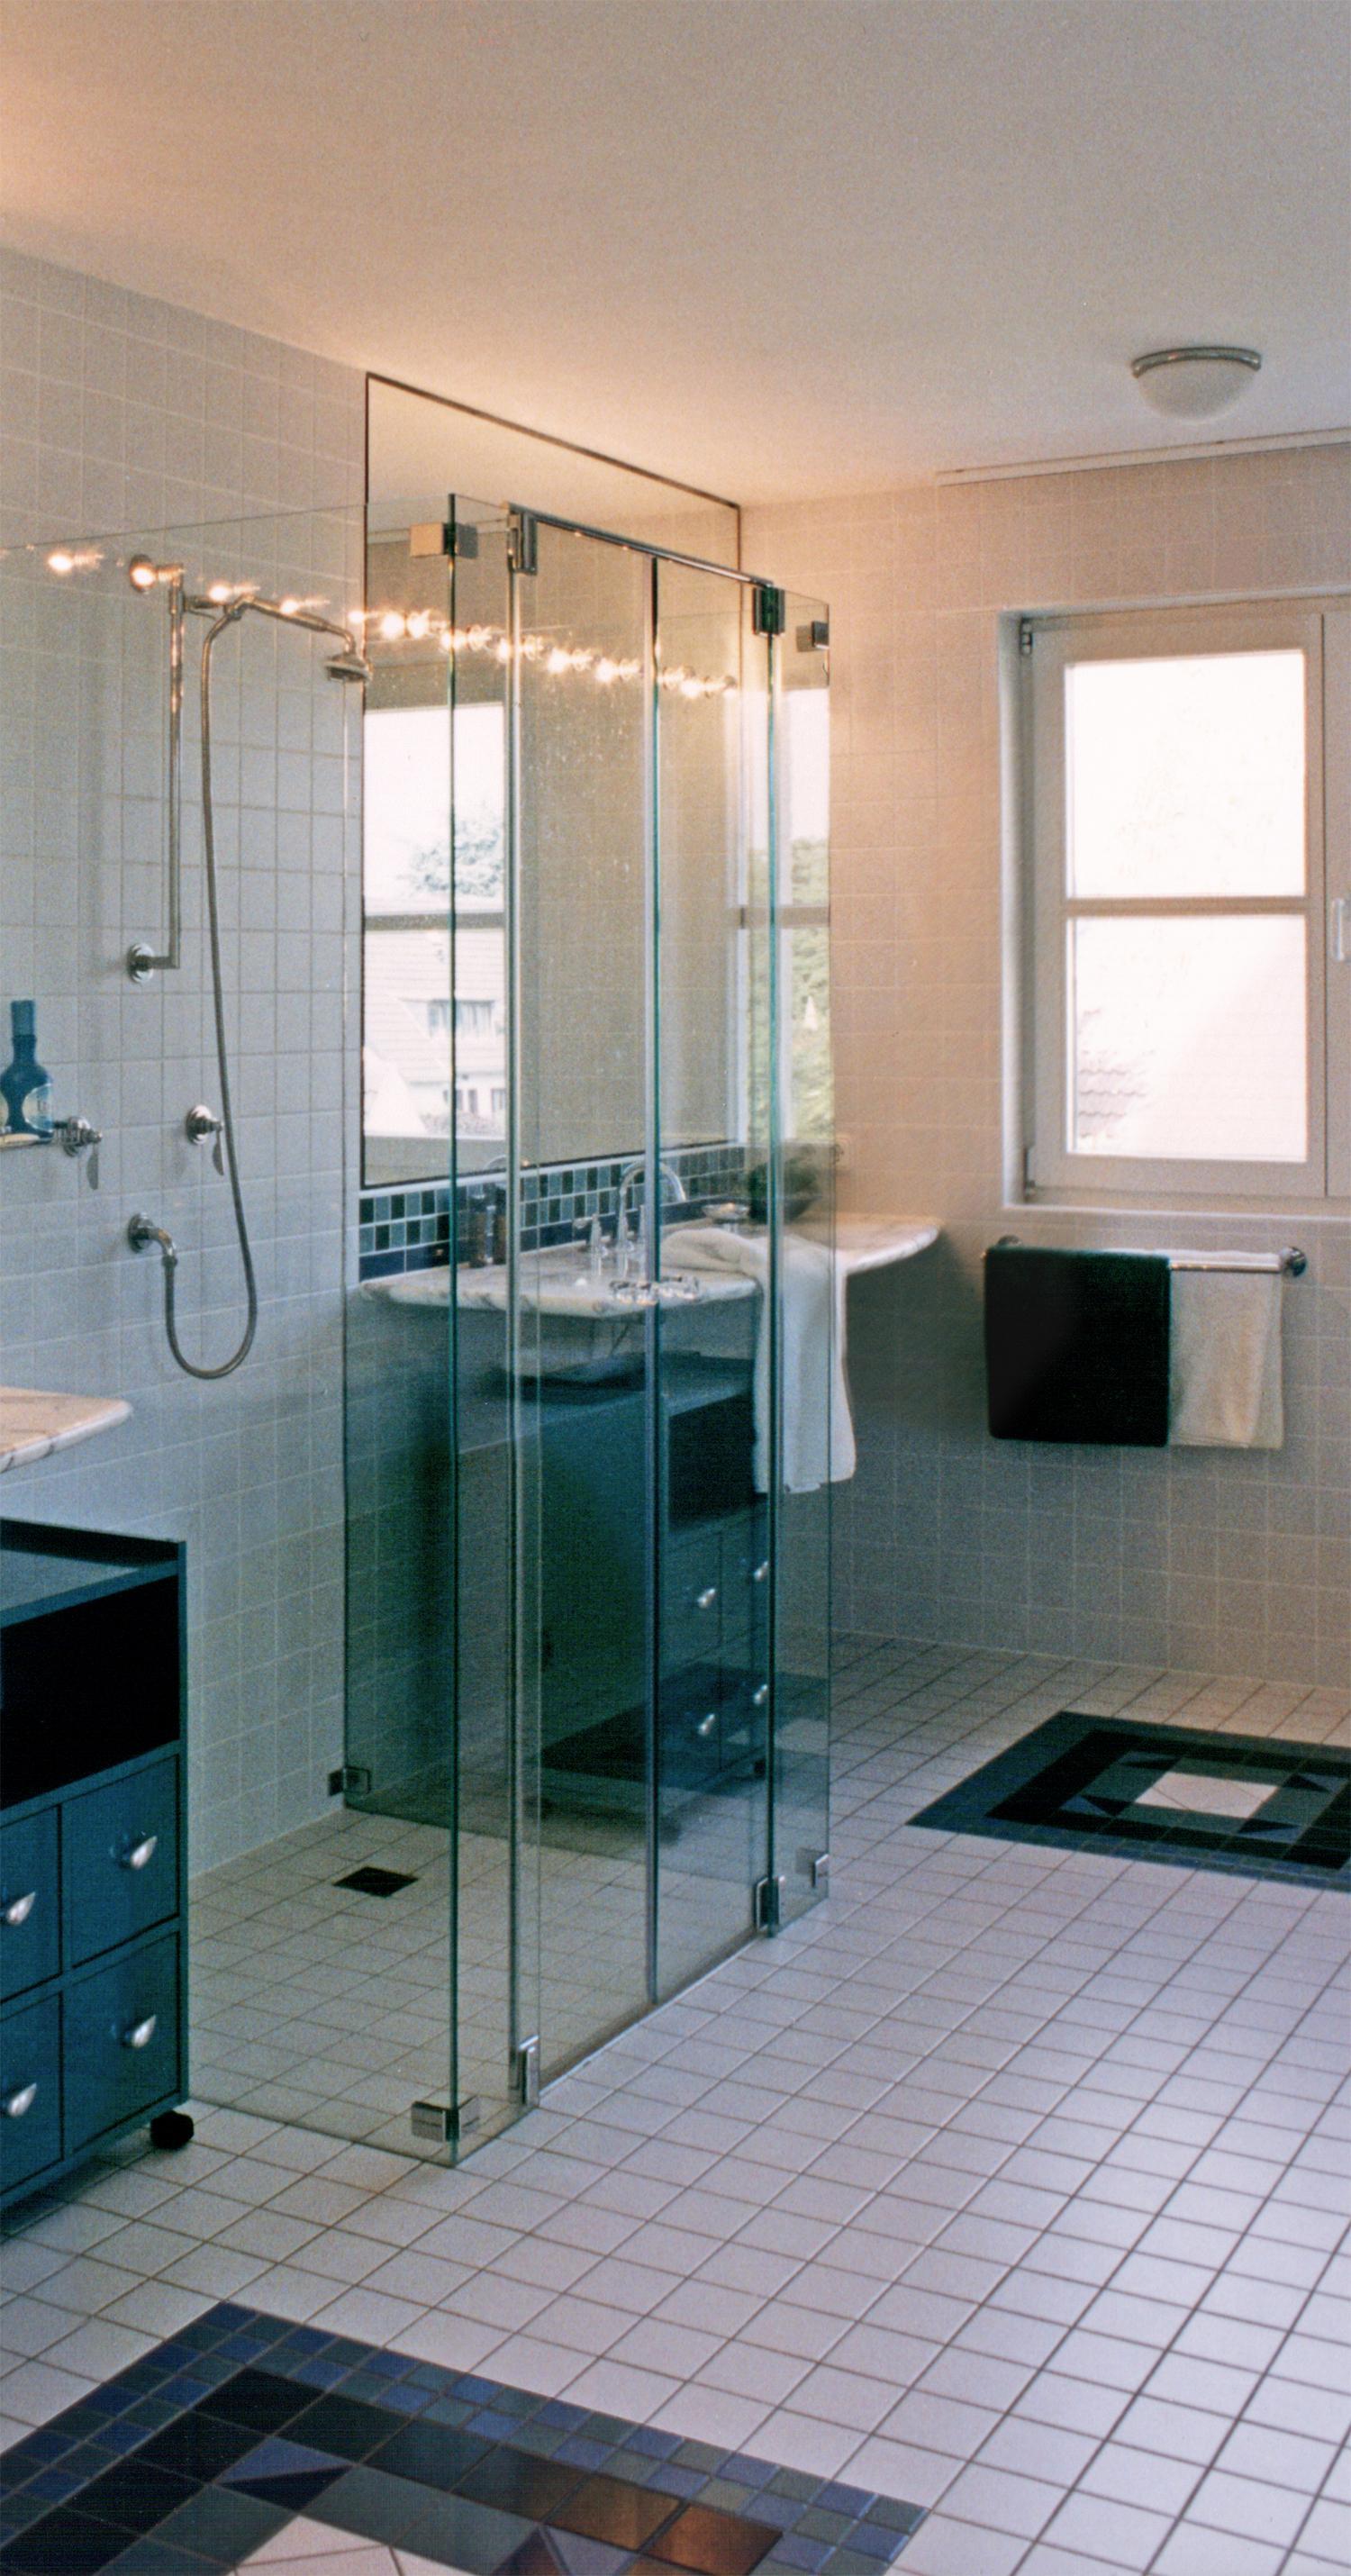 Gläserne Dusche #bad #badezimmer #badsanierung ©Werner Dielen Great Ideas